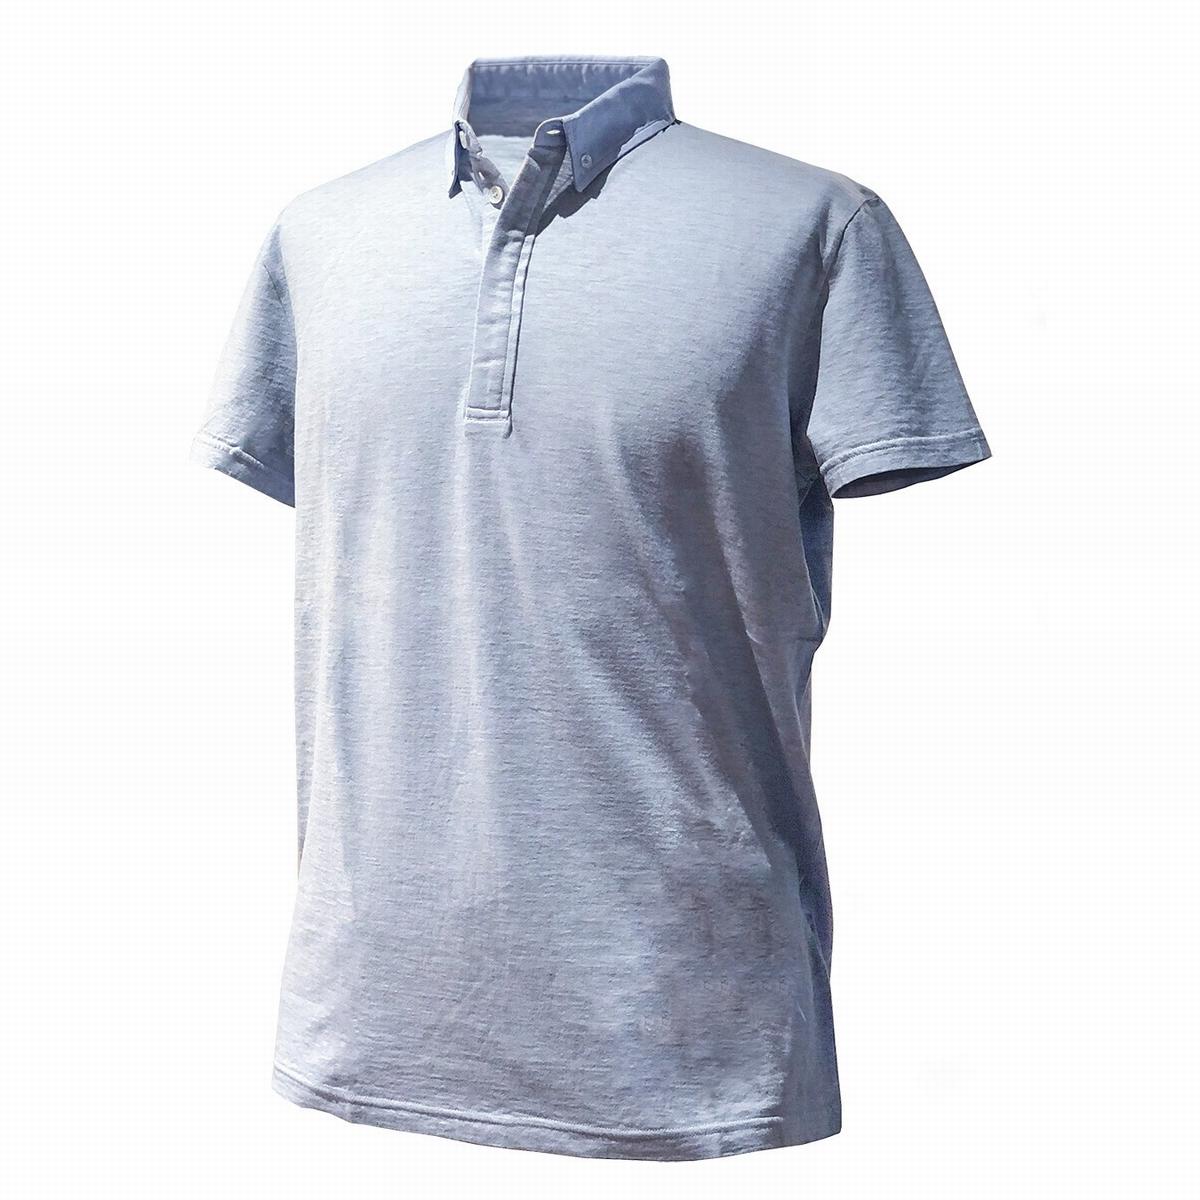 FEDELI (フェデーリ) ボタンダウンポロシャツ 半袖 スカイブルー 水色 ブランド 大きいサイズ カジュアル クールビズ おしゃれ